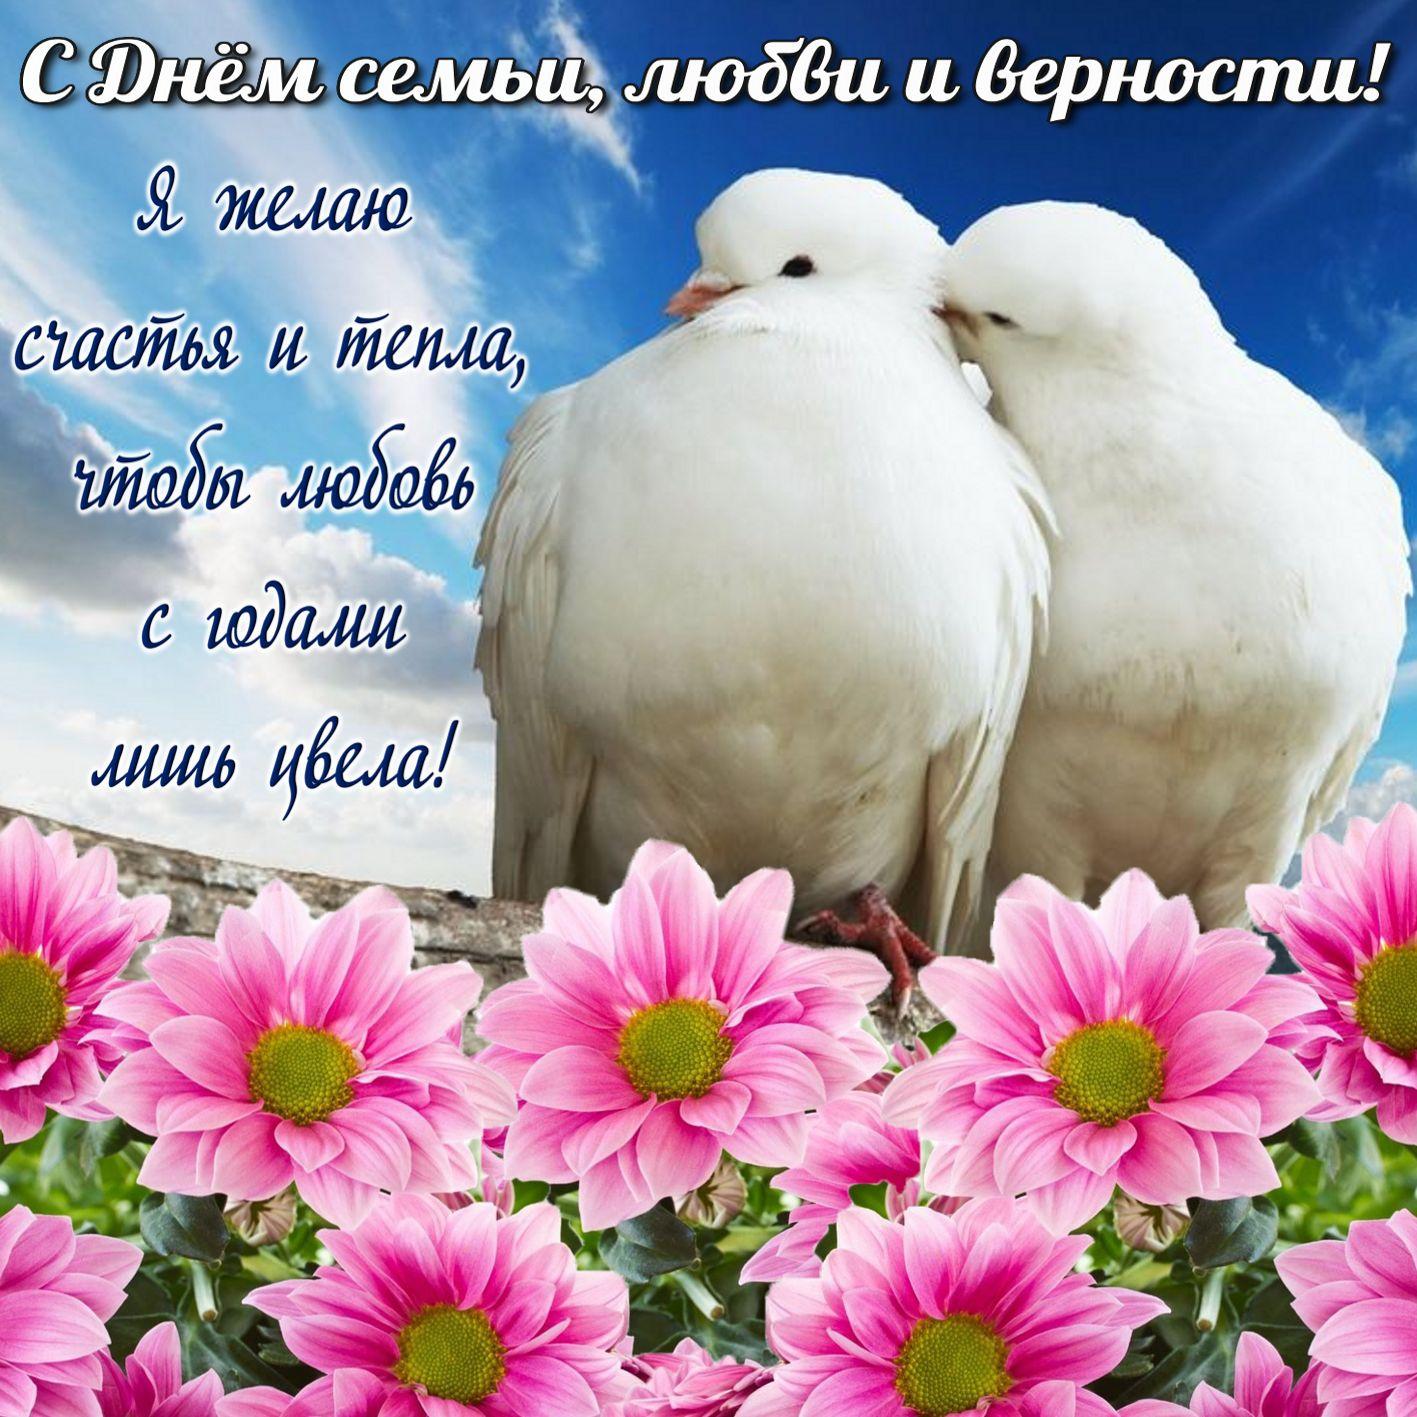 Картинки с праздником семьи любви и верности красивые, марта